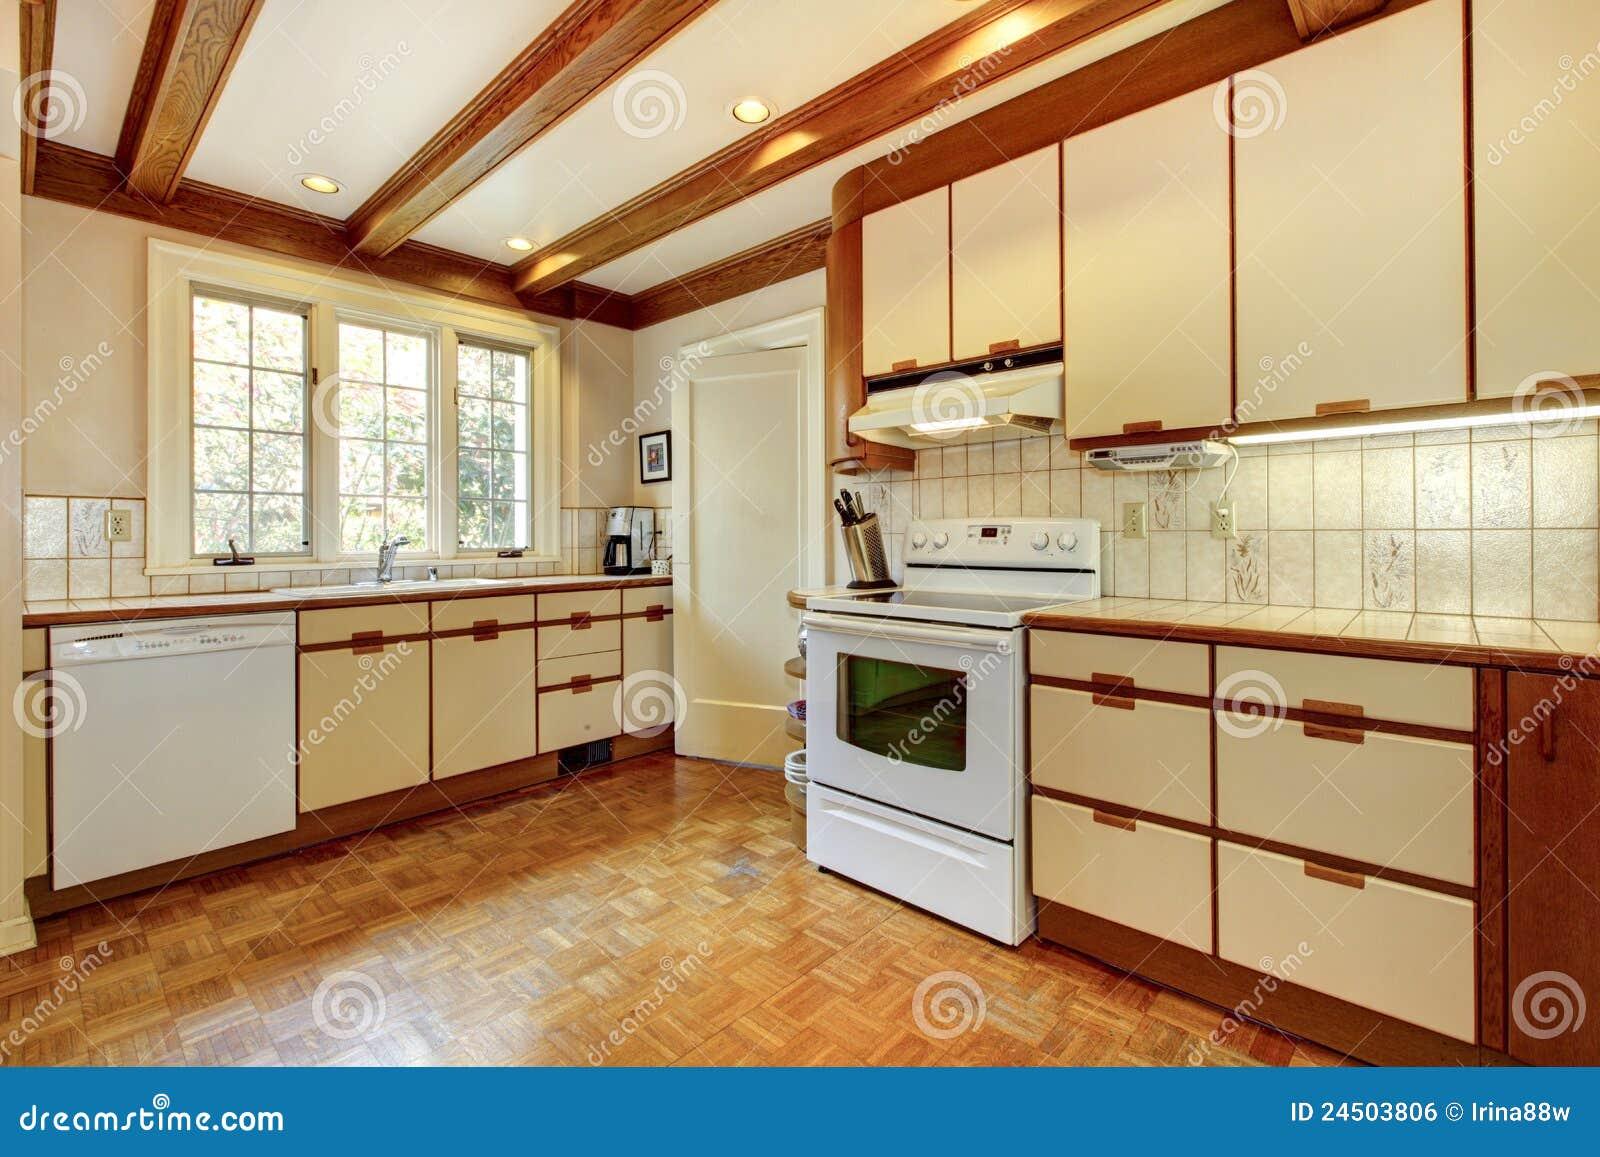 vieille cuisine blanche et en bois simple photo stock image du plafond conception 24503806. Black Bedroom Furniture Sets. Home Design Ideas